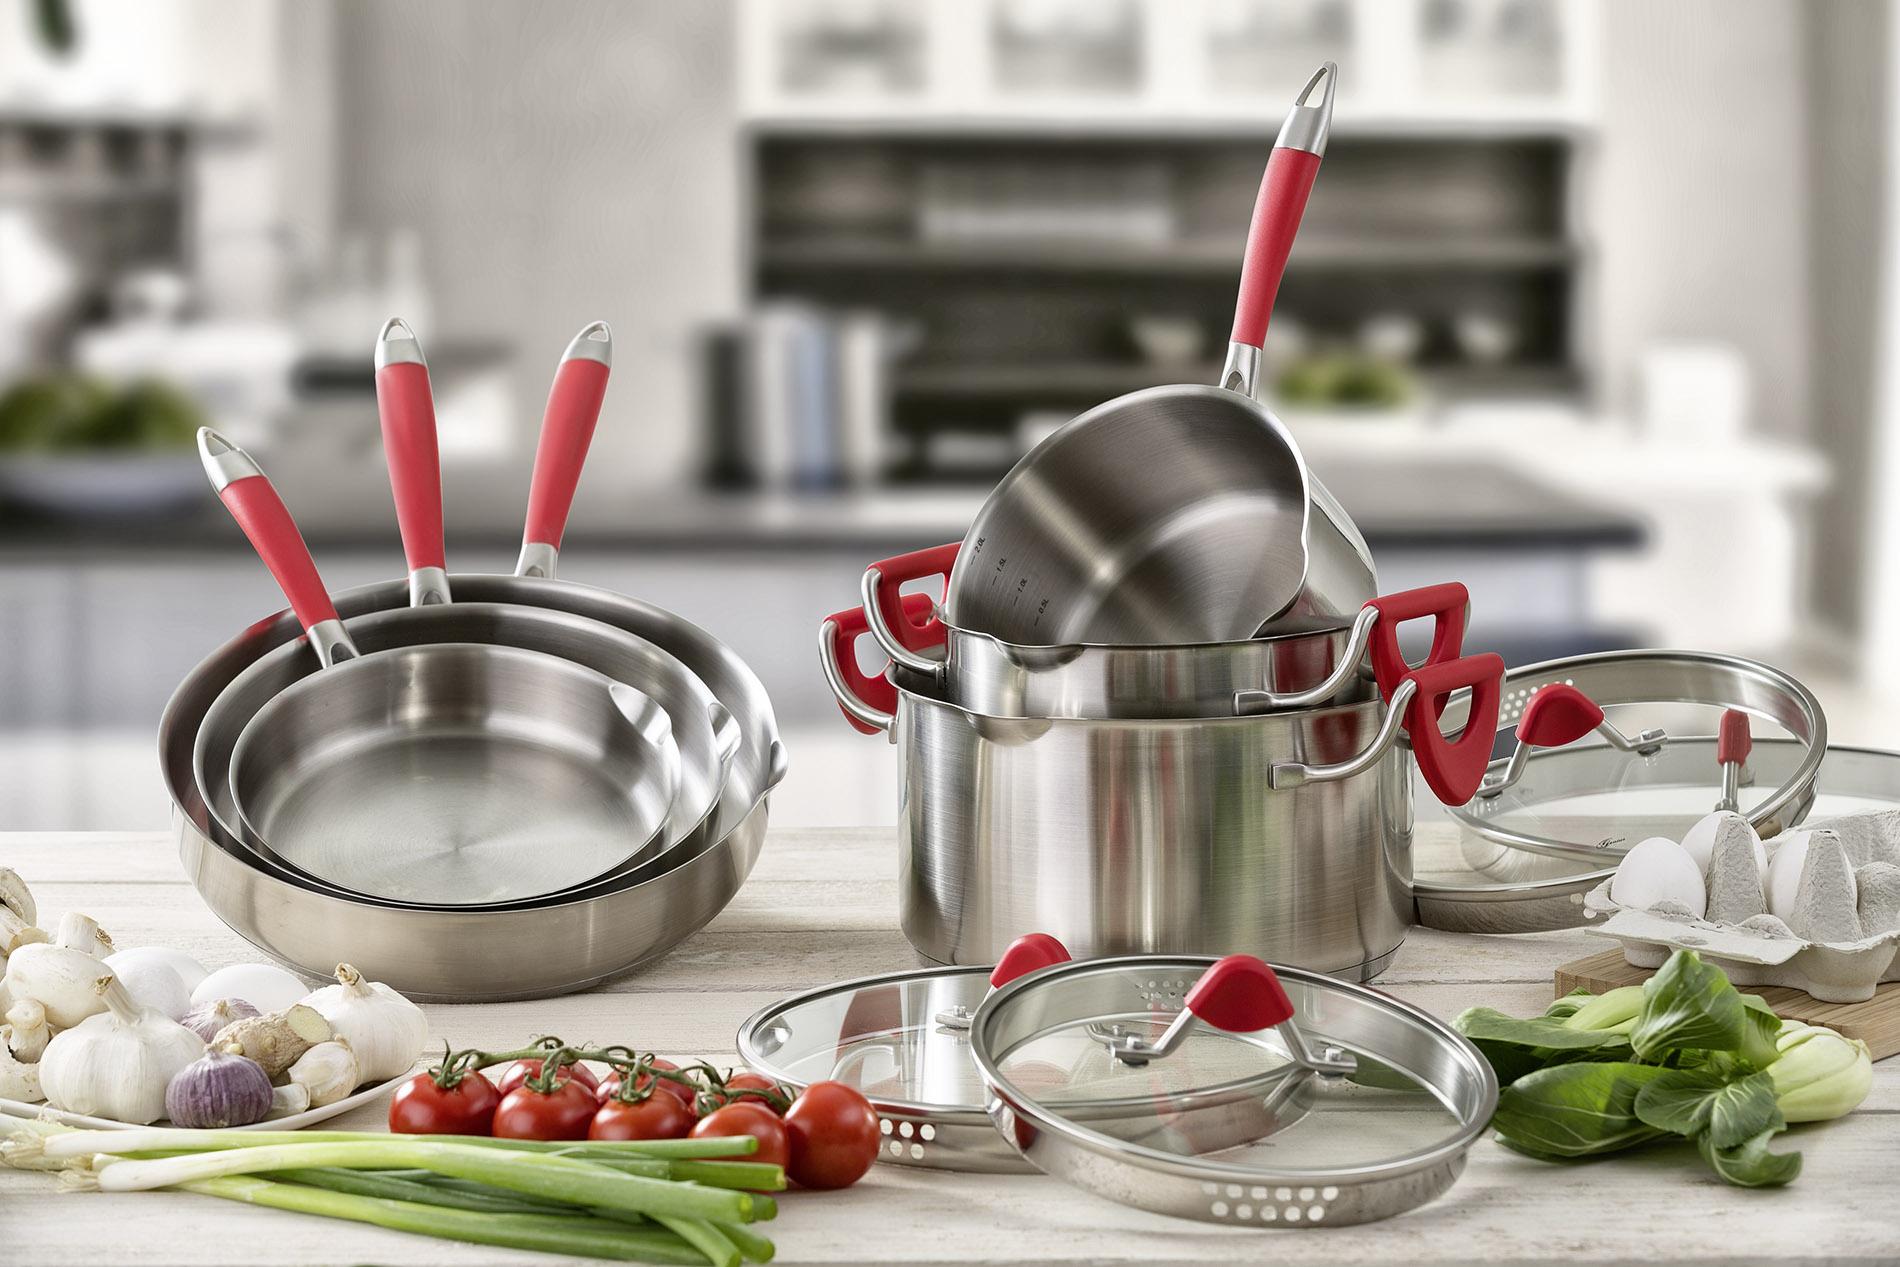 Ziemlich Küchengeräte Direktvertrieb Ideen - Ideen Für Die Küche ...